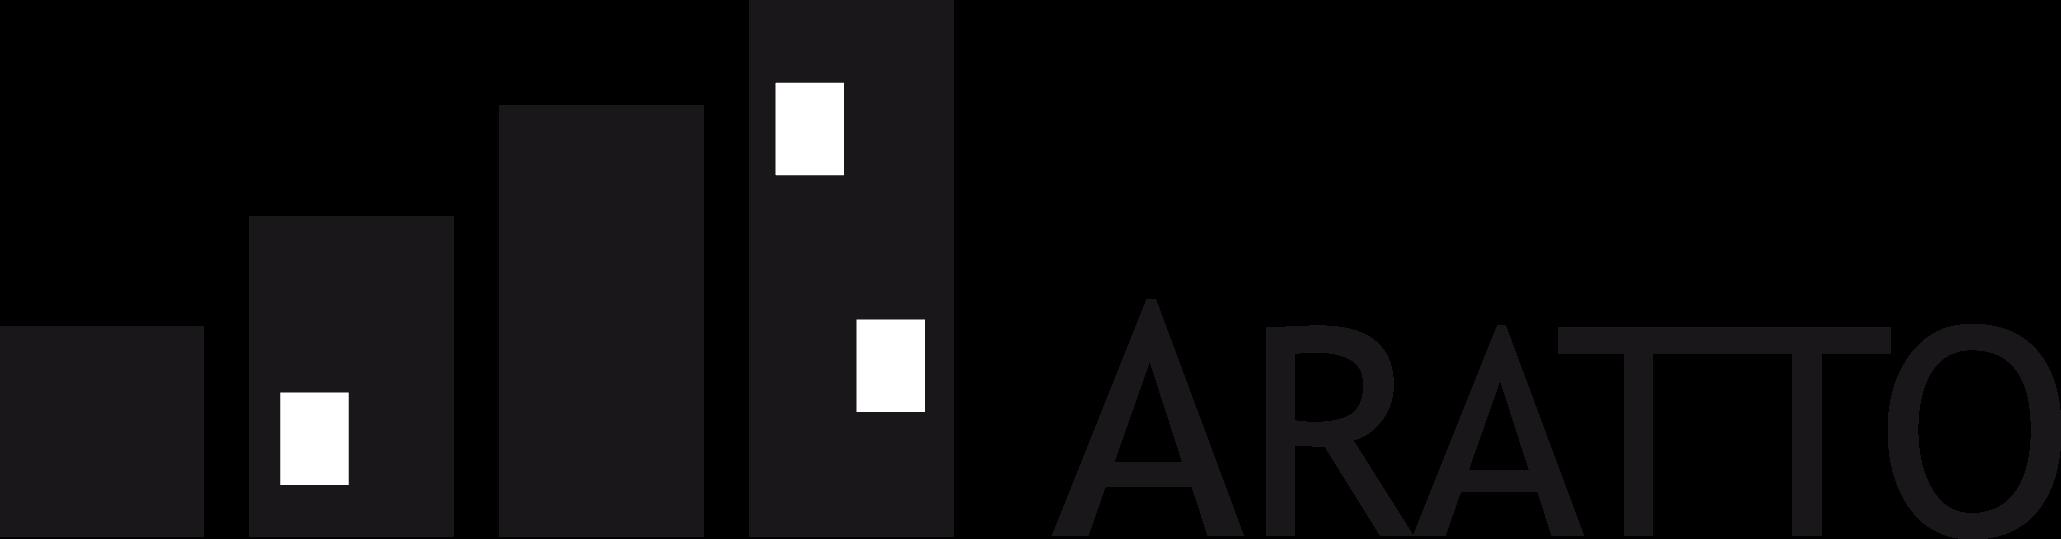 Aratto-Oy-logo